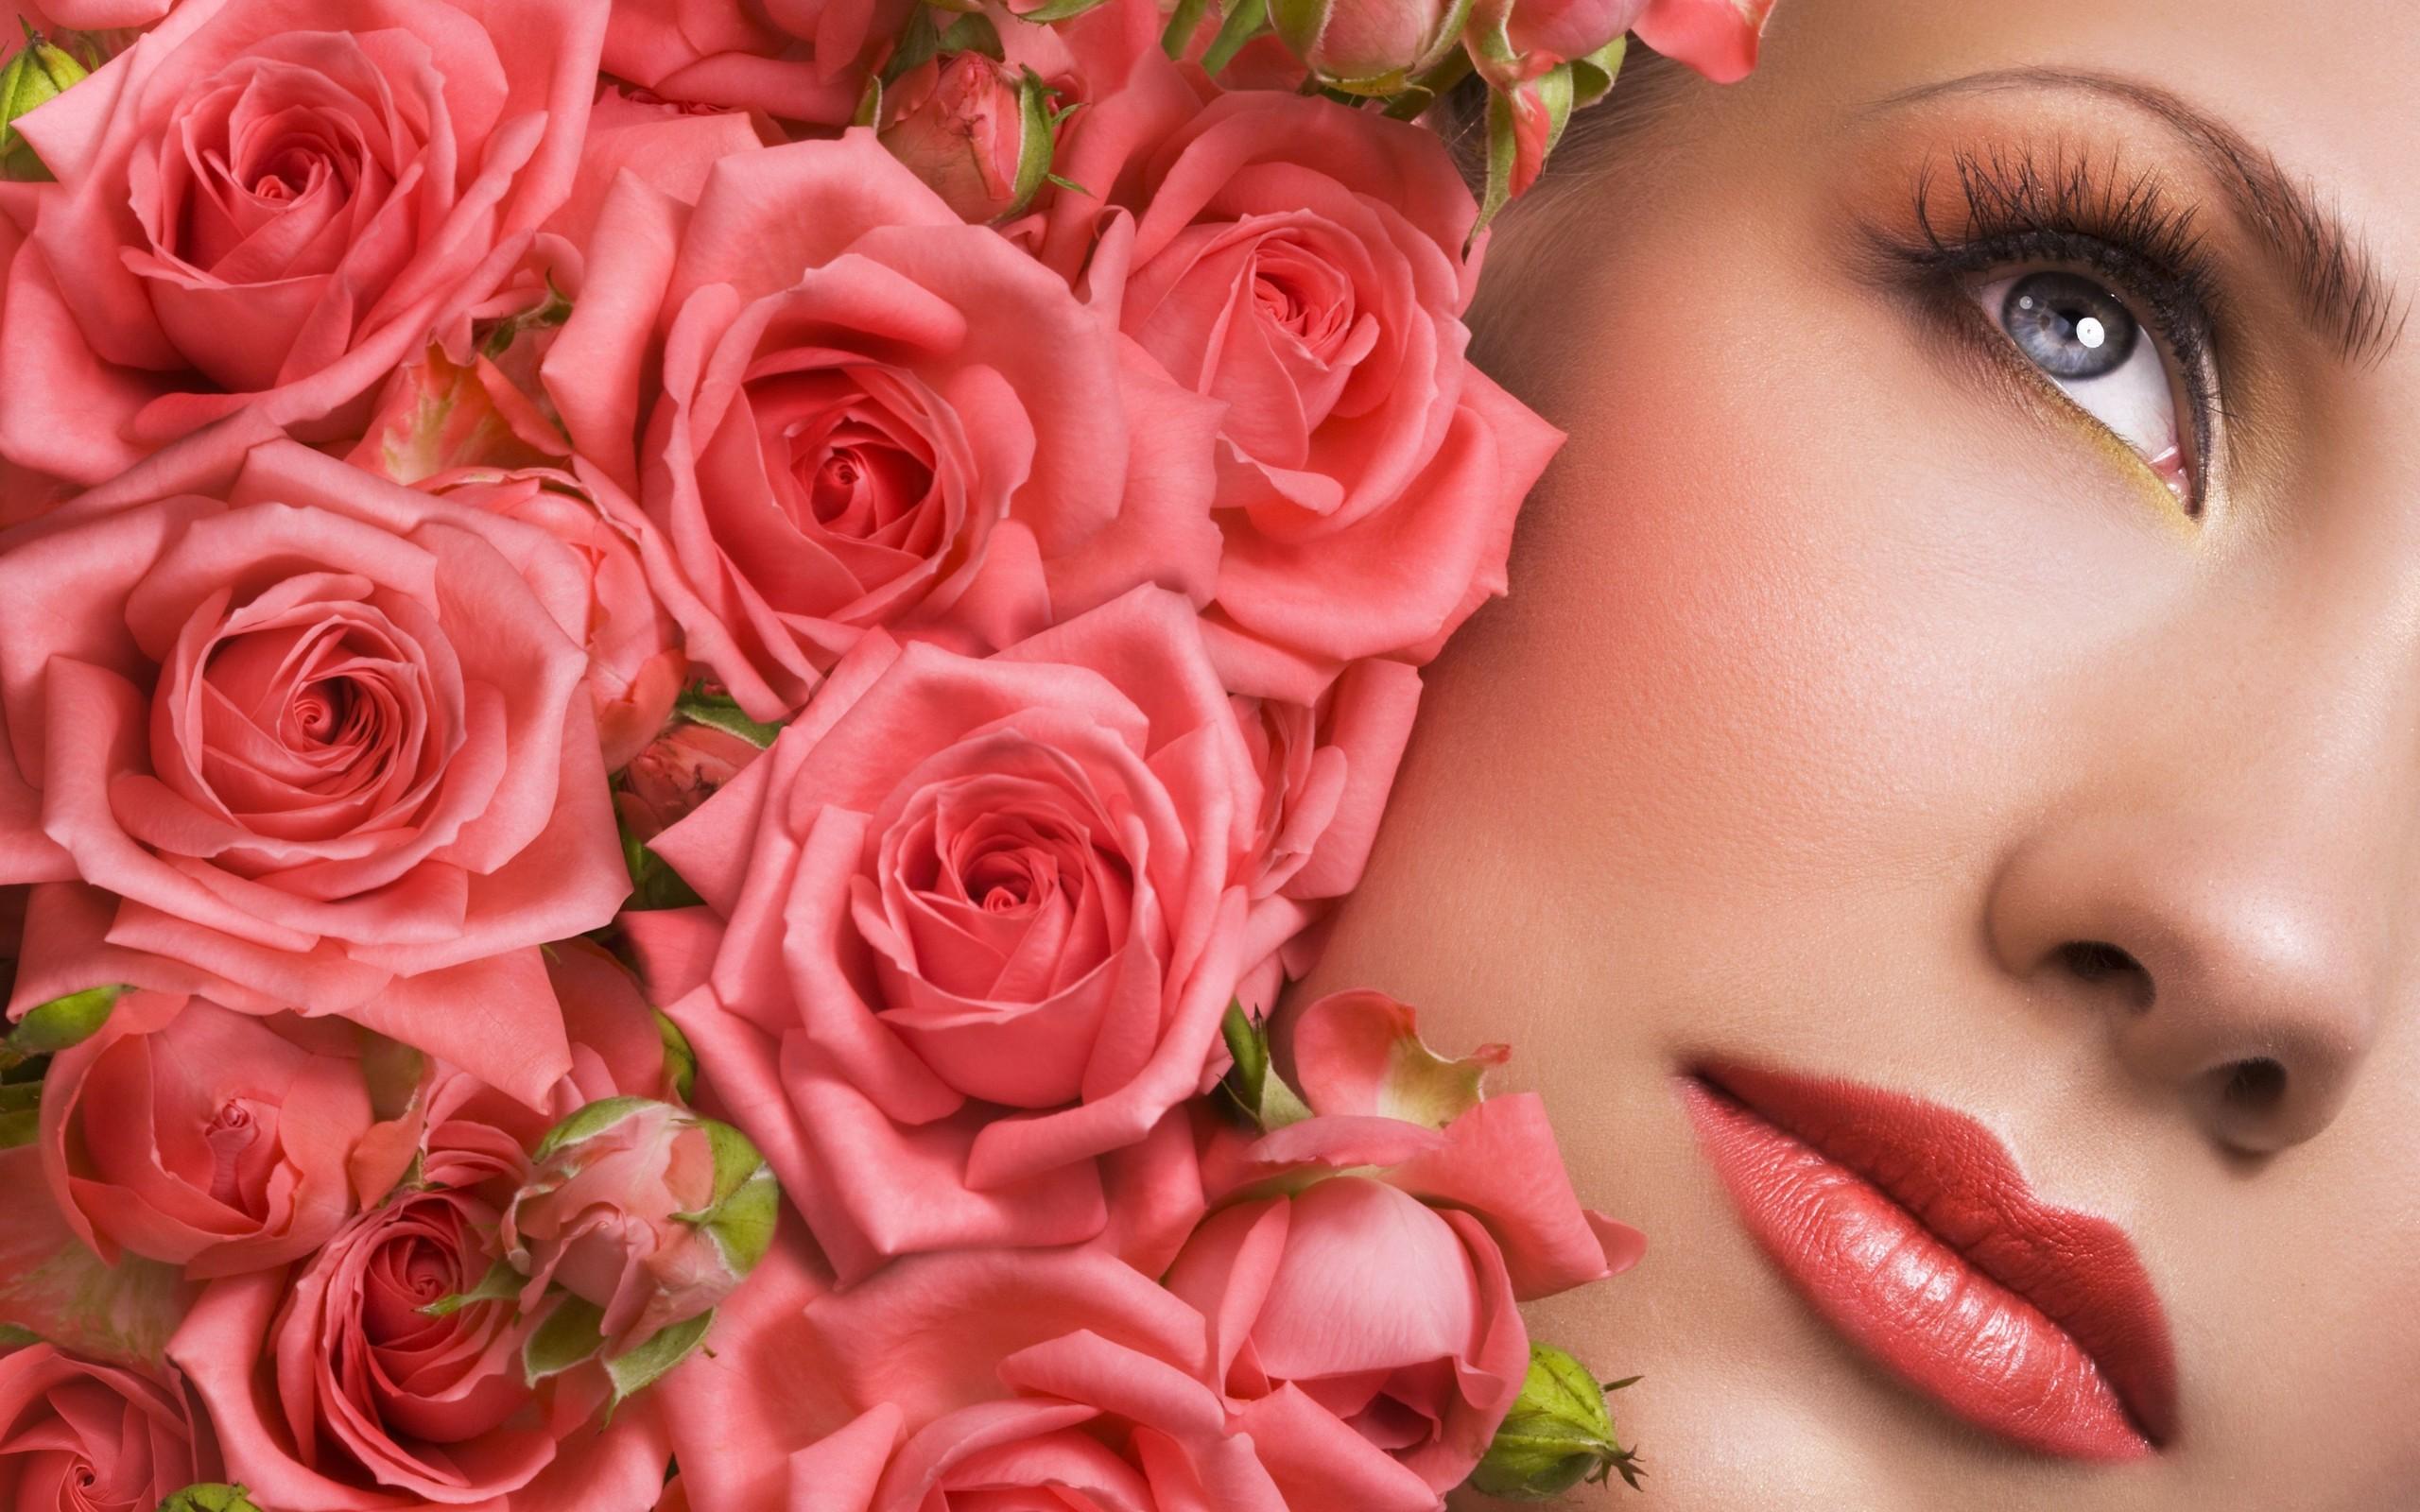 Flores y un rostro - 2560x1600